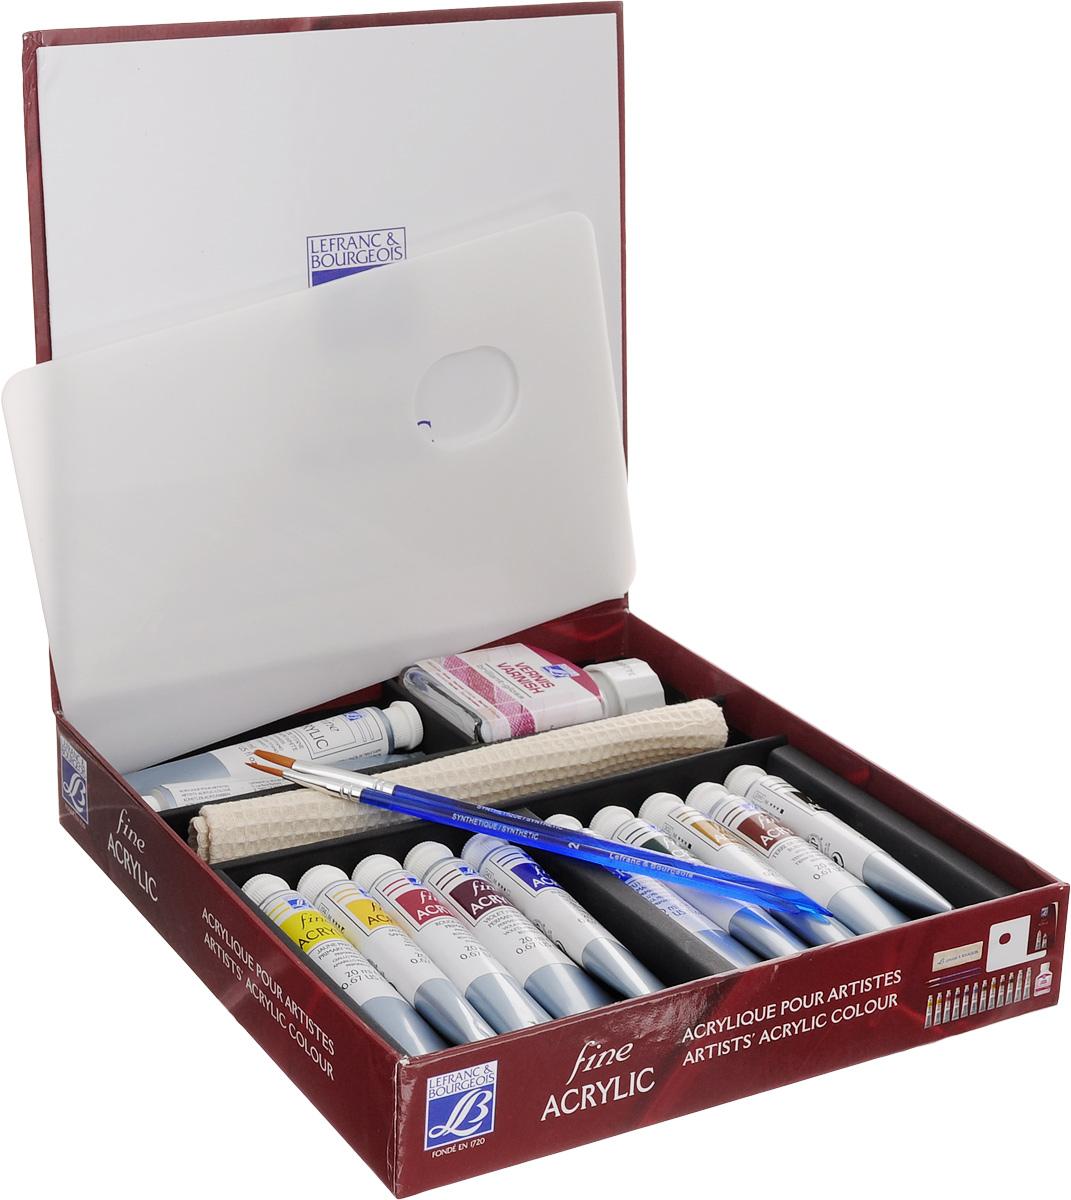 Набор акриловых красок Lefranc & Bourgeois Fine Artist, 17 предметовLF236153Набор Lefranc & Bourgeois Fine Artist включает 10 пластиковых тюбиков акриловой краски разных цветов, 2 тюбика белой краски Titanium White, глянцевый лак в стеклянной банке, 2 кисти №2 и №6, палитру для смешивания красок и полотенце для рук с вышитым логотипом. Краски могут использоваться на разнообразных поверхностях, разводятся в воде. Достаточно нанести один слой. При нанесении обеспечивают красивое покрытие с эффектом сатина. Объем красок: 20 мл. Количество цветов: 11. Объем лака: 75 мл. Размер полотенца: 18,5 х 19 см. Длина кистей: 18 см, 19 см. Размер палитры для смешивания красок: 23 х 15 см.